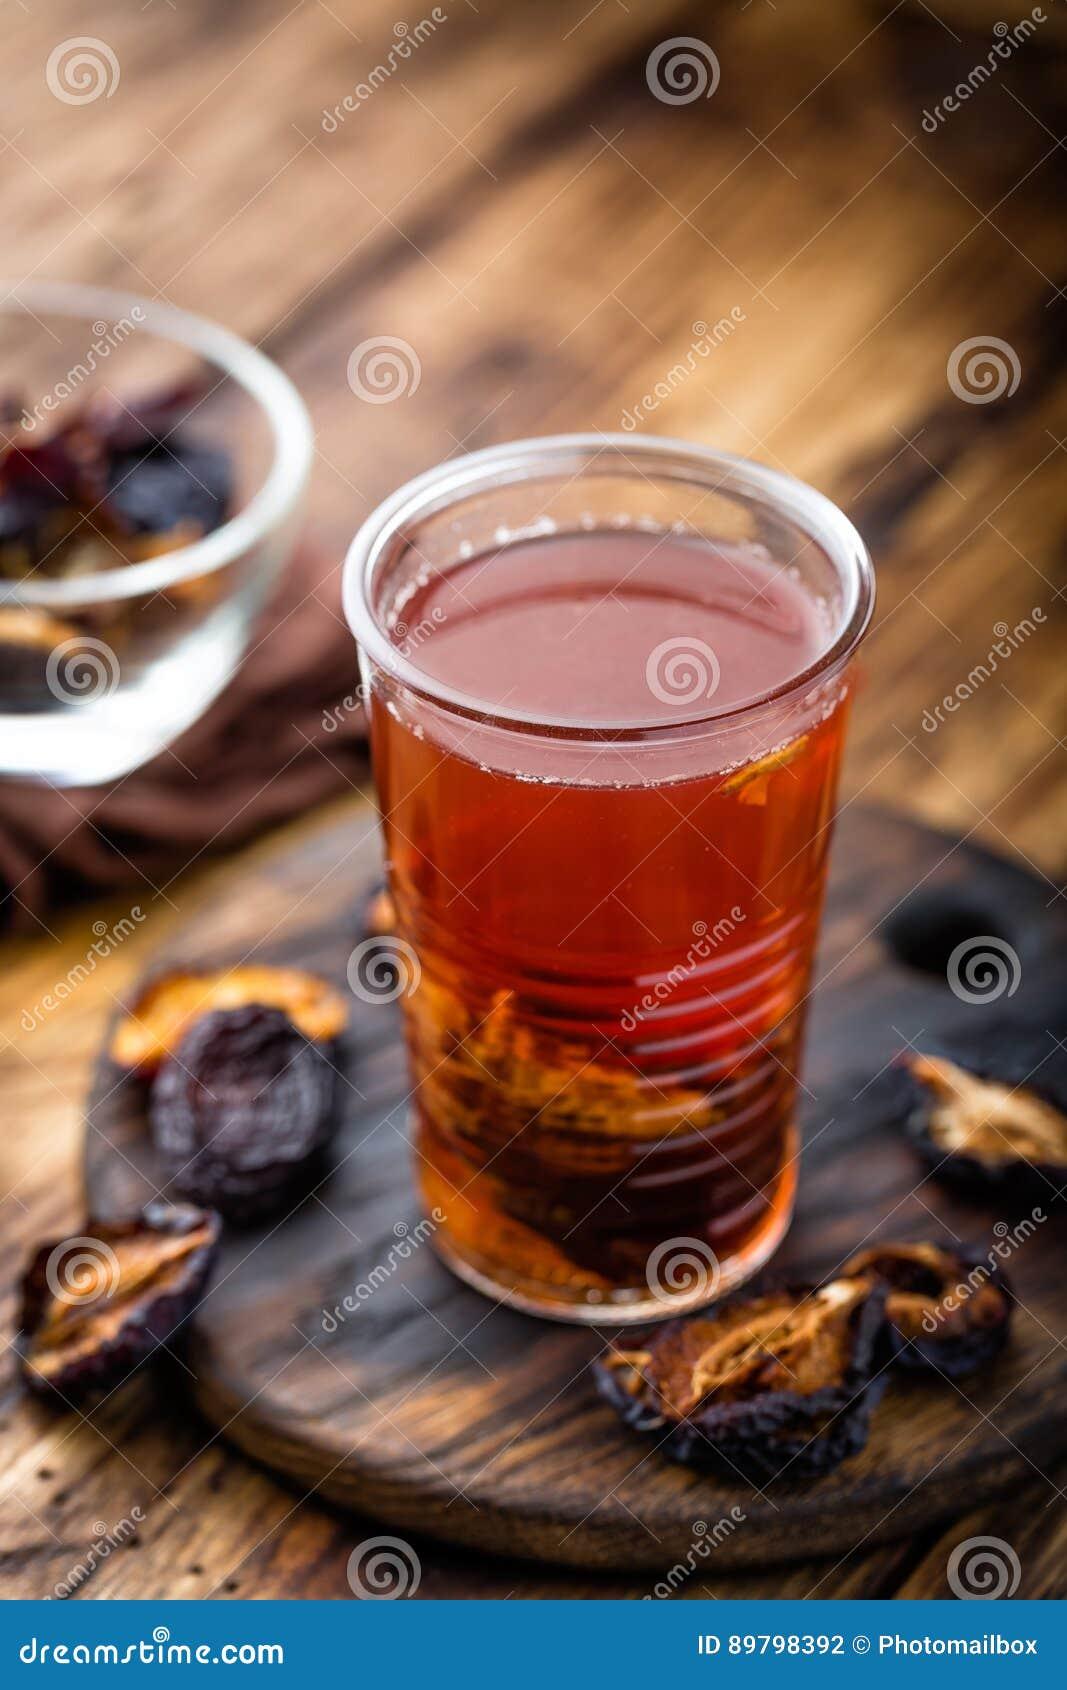 Gedroogde pruimdrank, gedroogde pruimenuittreksel, vruchten drank